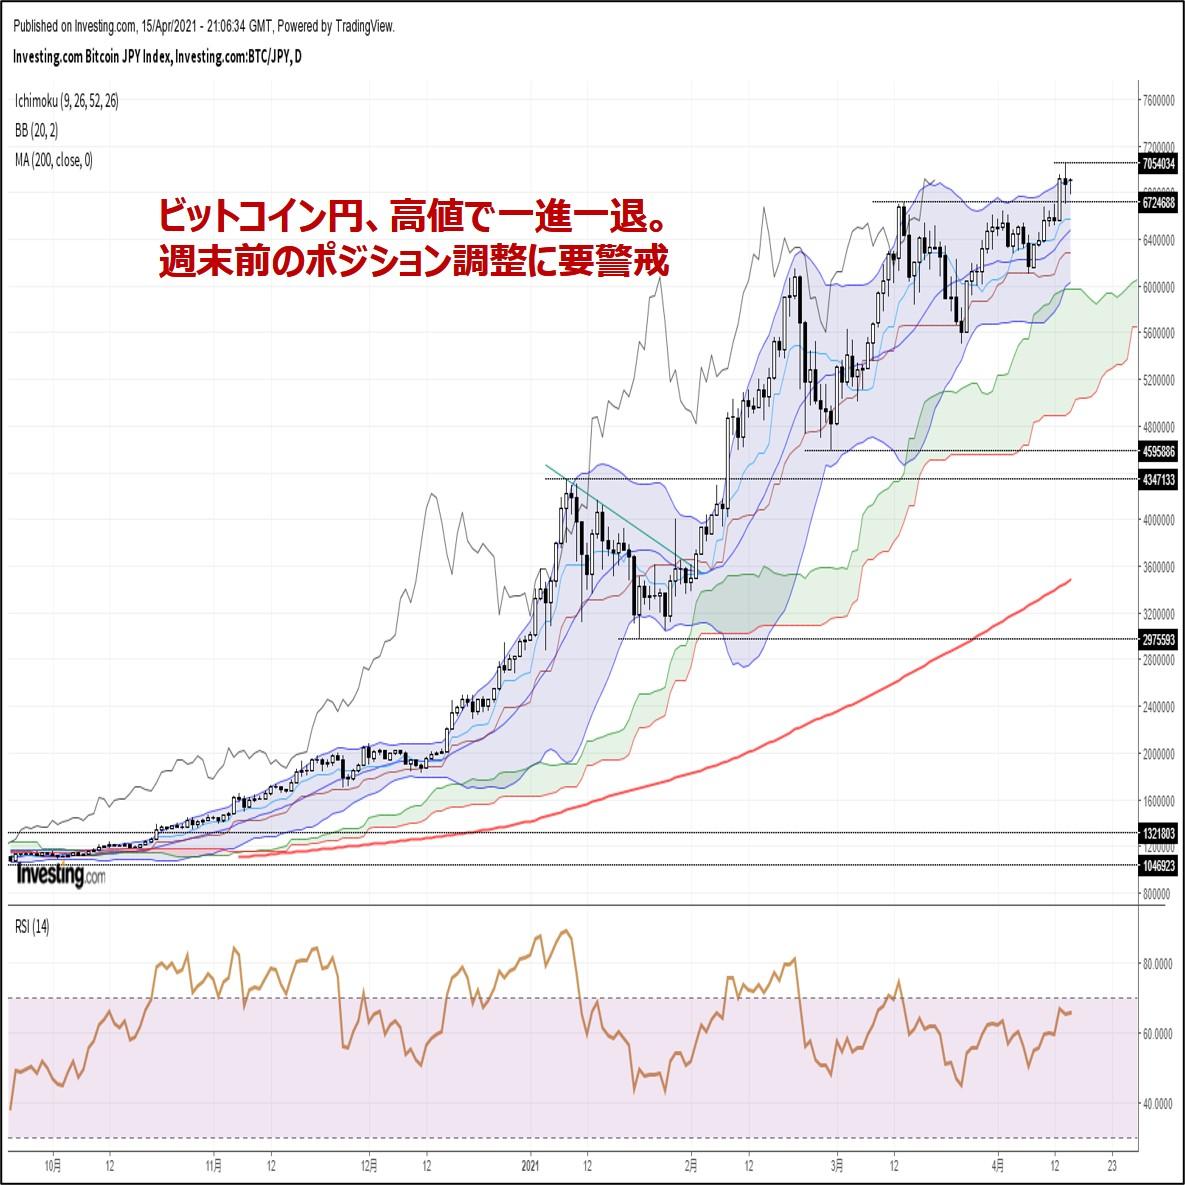 ビットコイン円、高値で一進一退。週末前のポジション調整に要警戒(4/16朝)